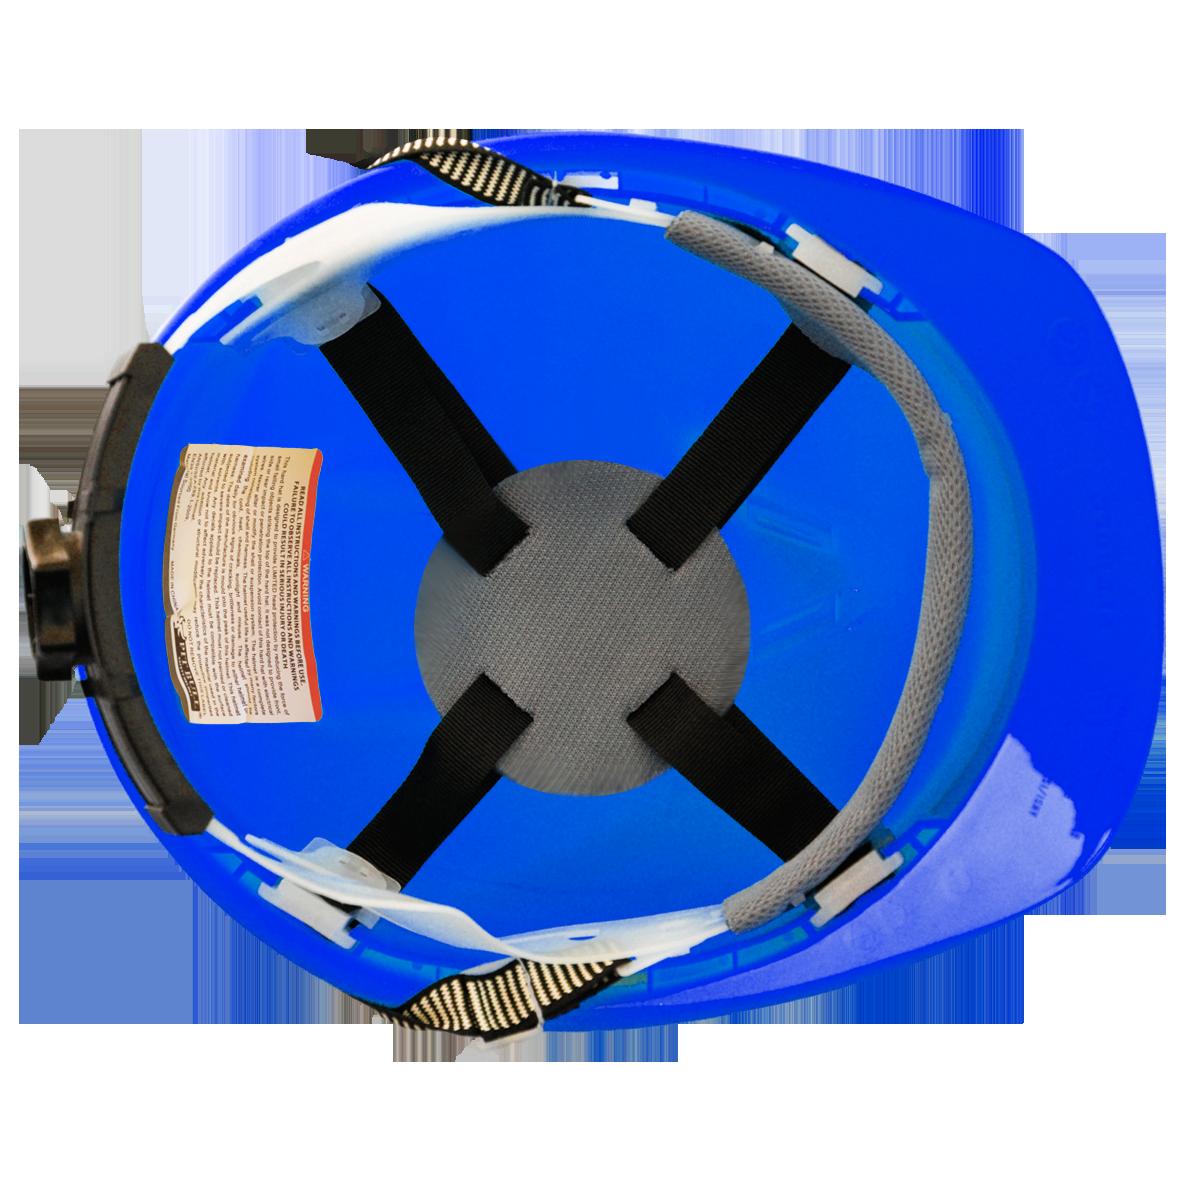 Pitbull Helmet Blue